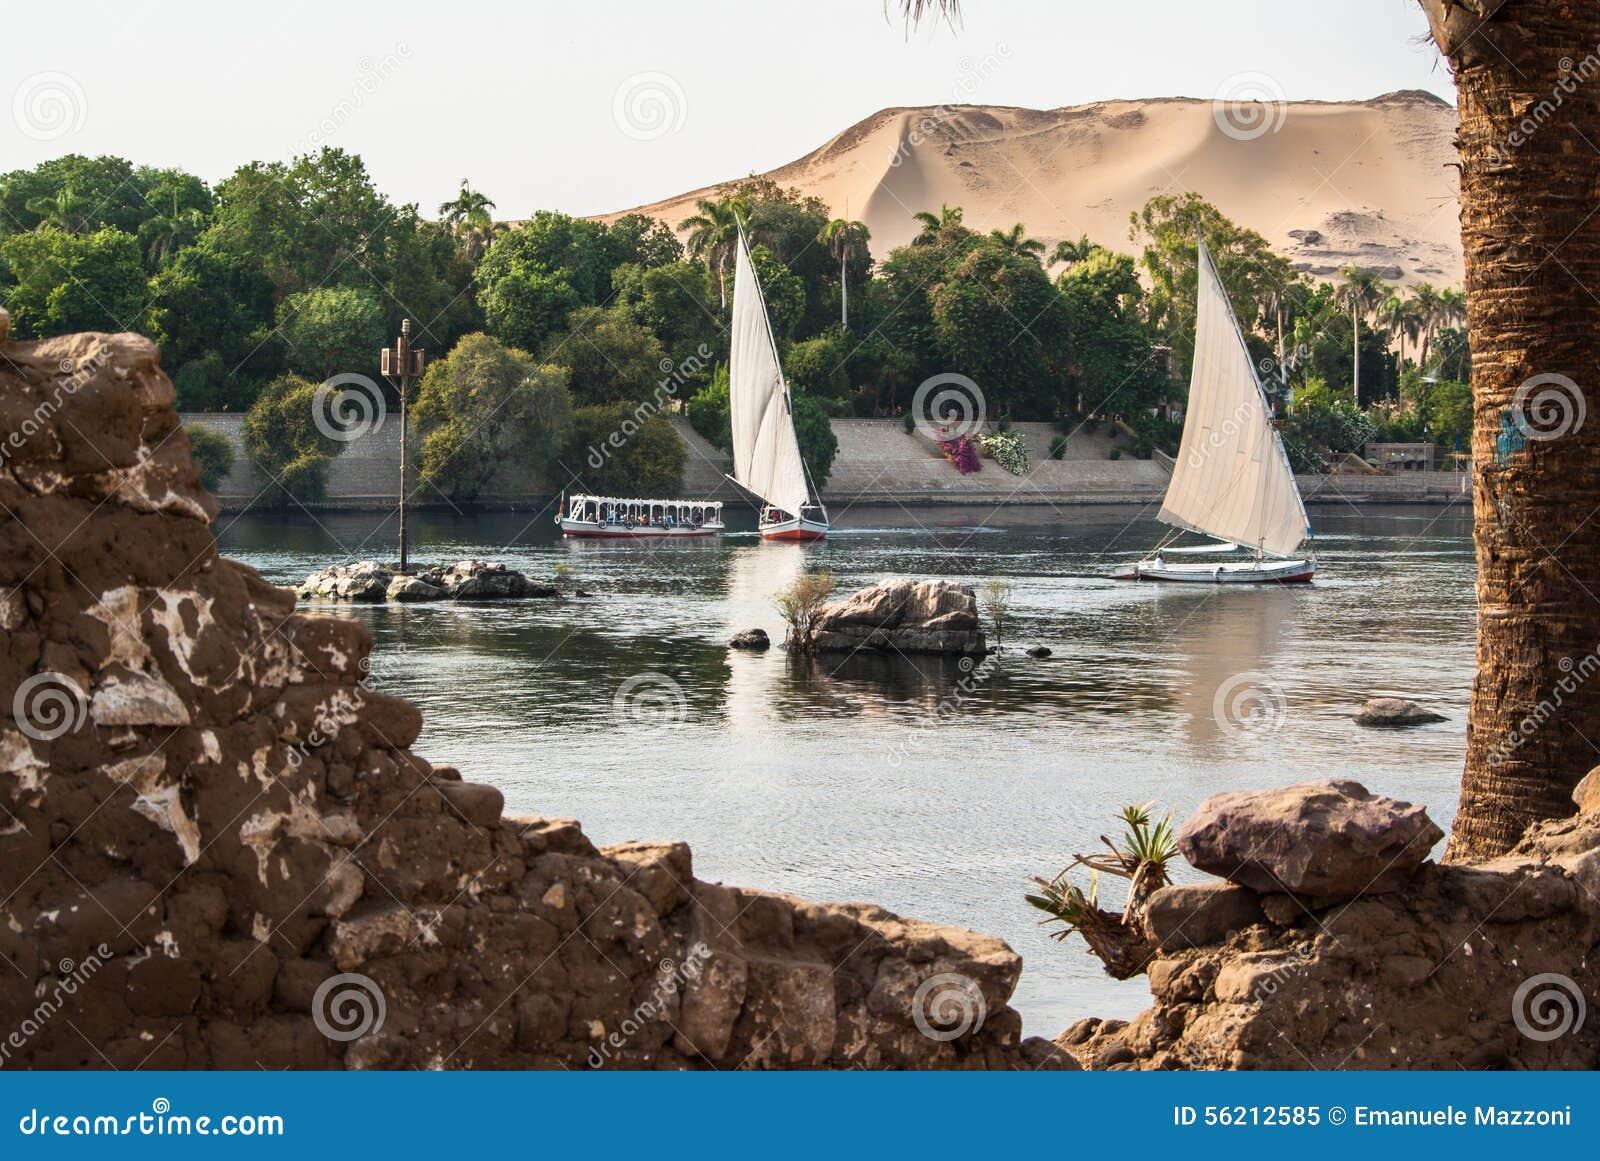 Felluca su Nilo, Egitto